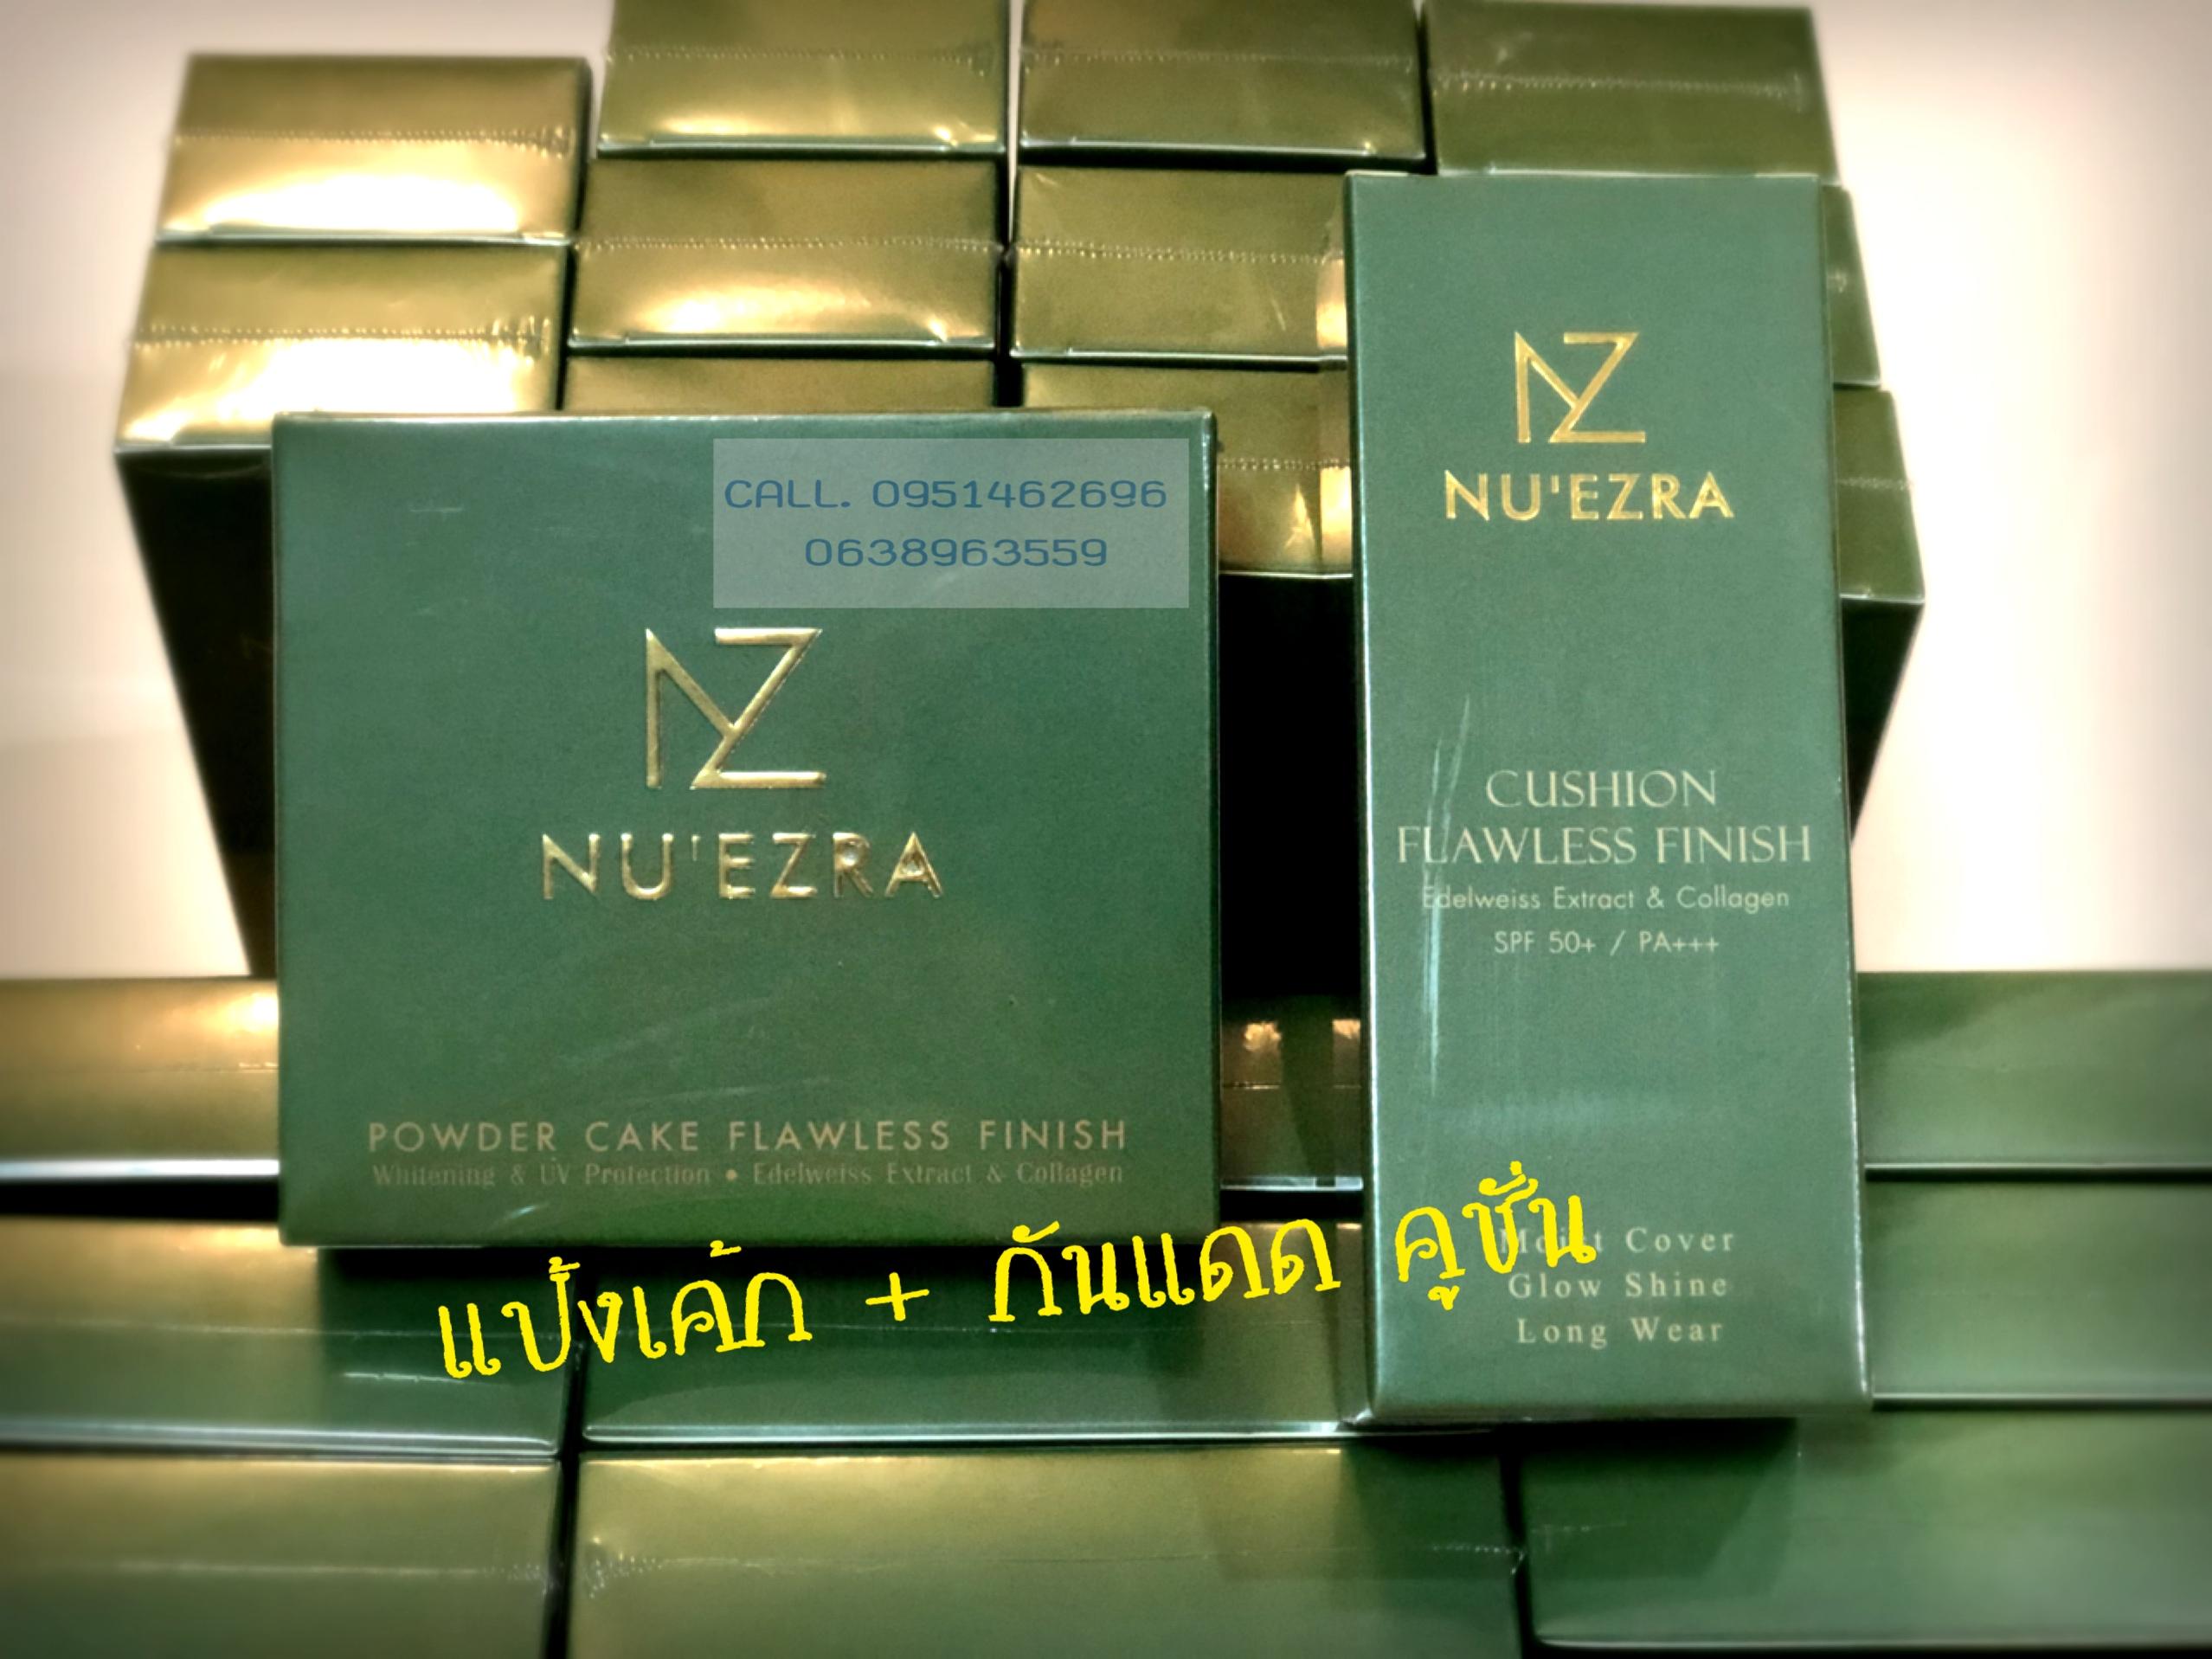 นูเอชร่า แป้งเค้ก CAKE POWDER บีบี กันแดด ส่งฟรี